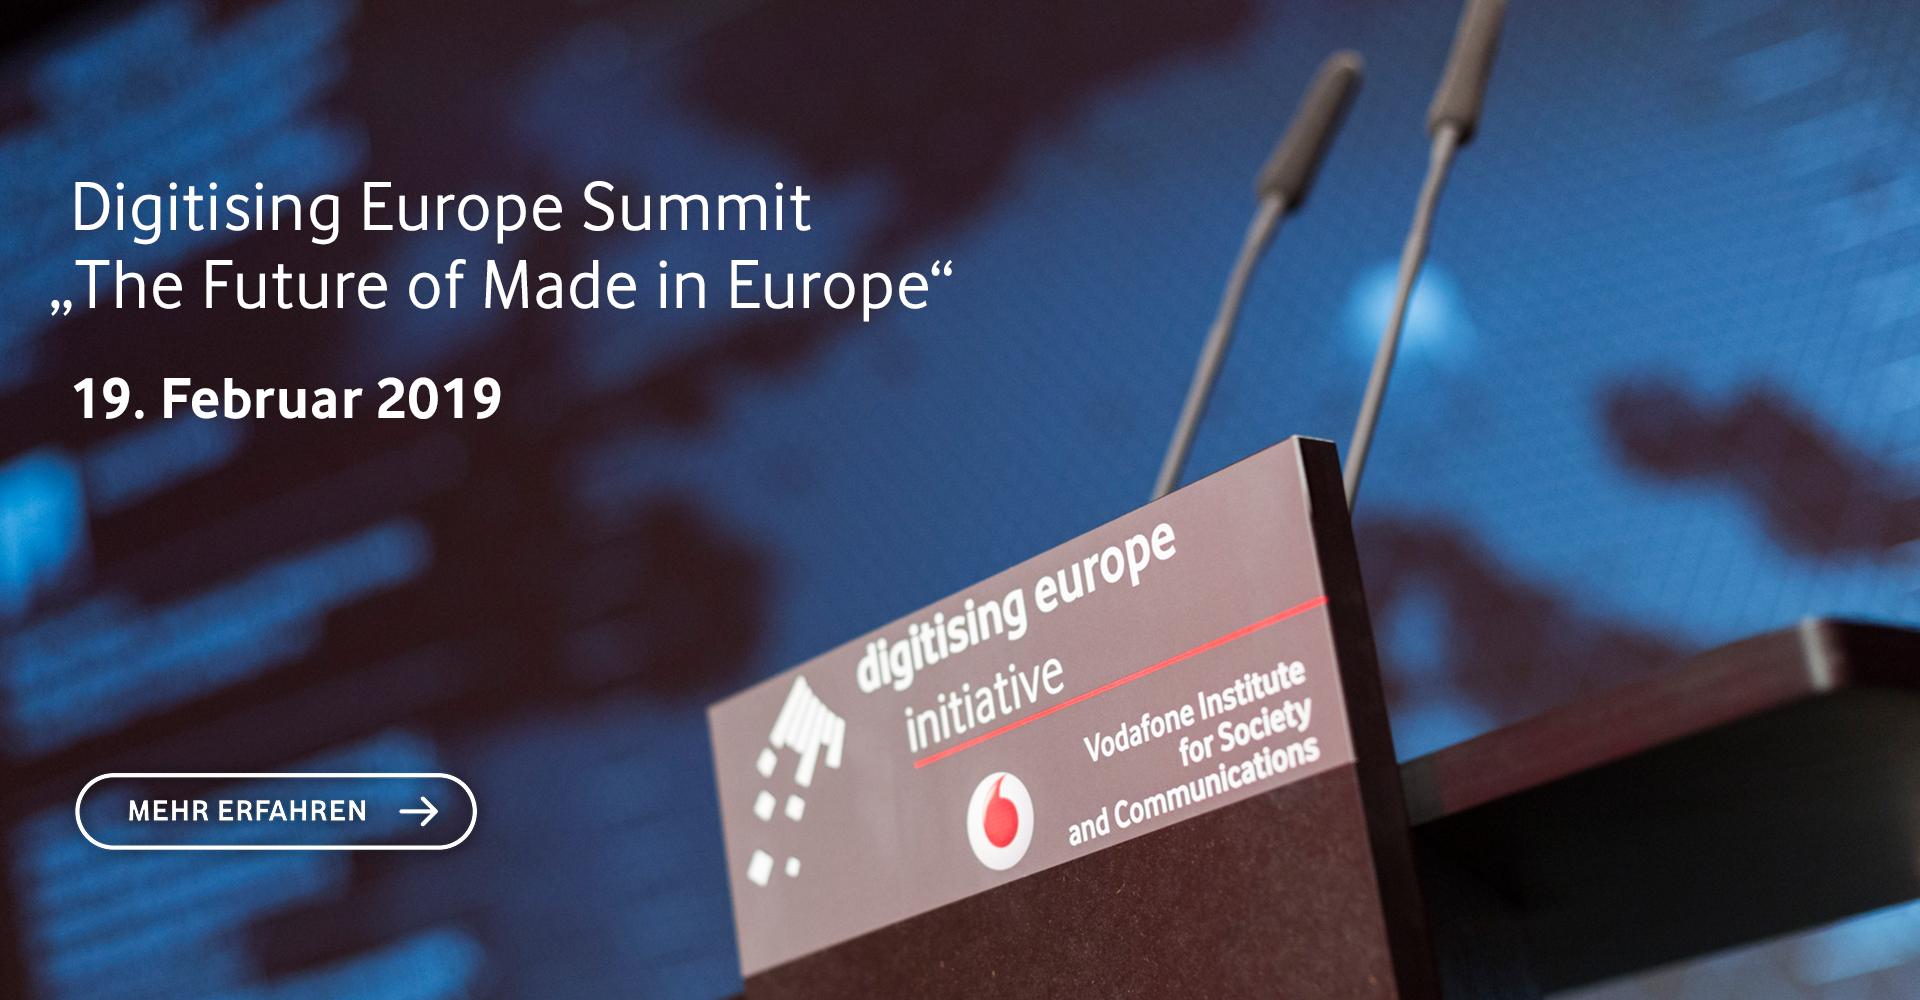 Digitising Europe Summit